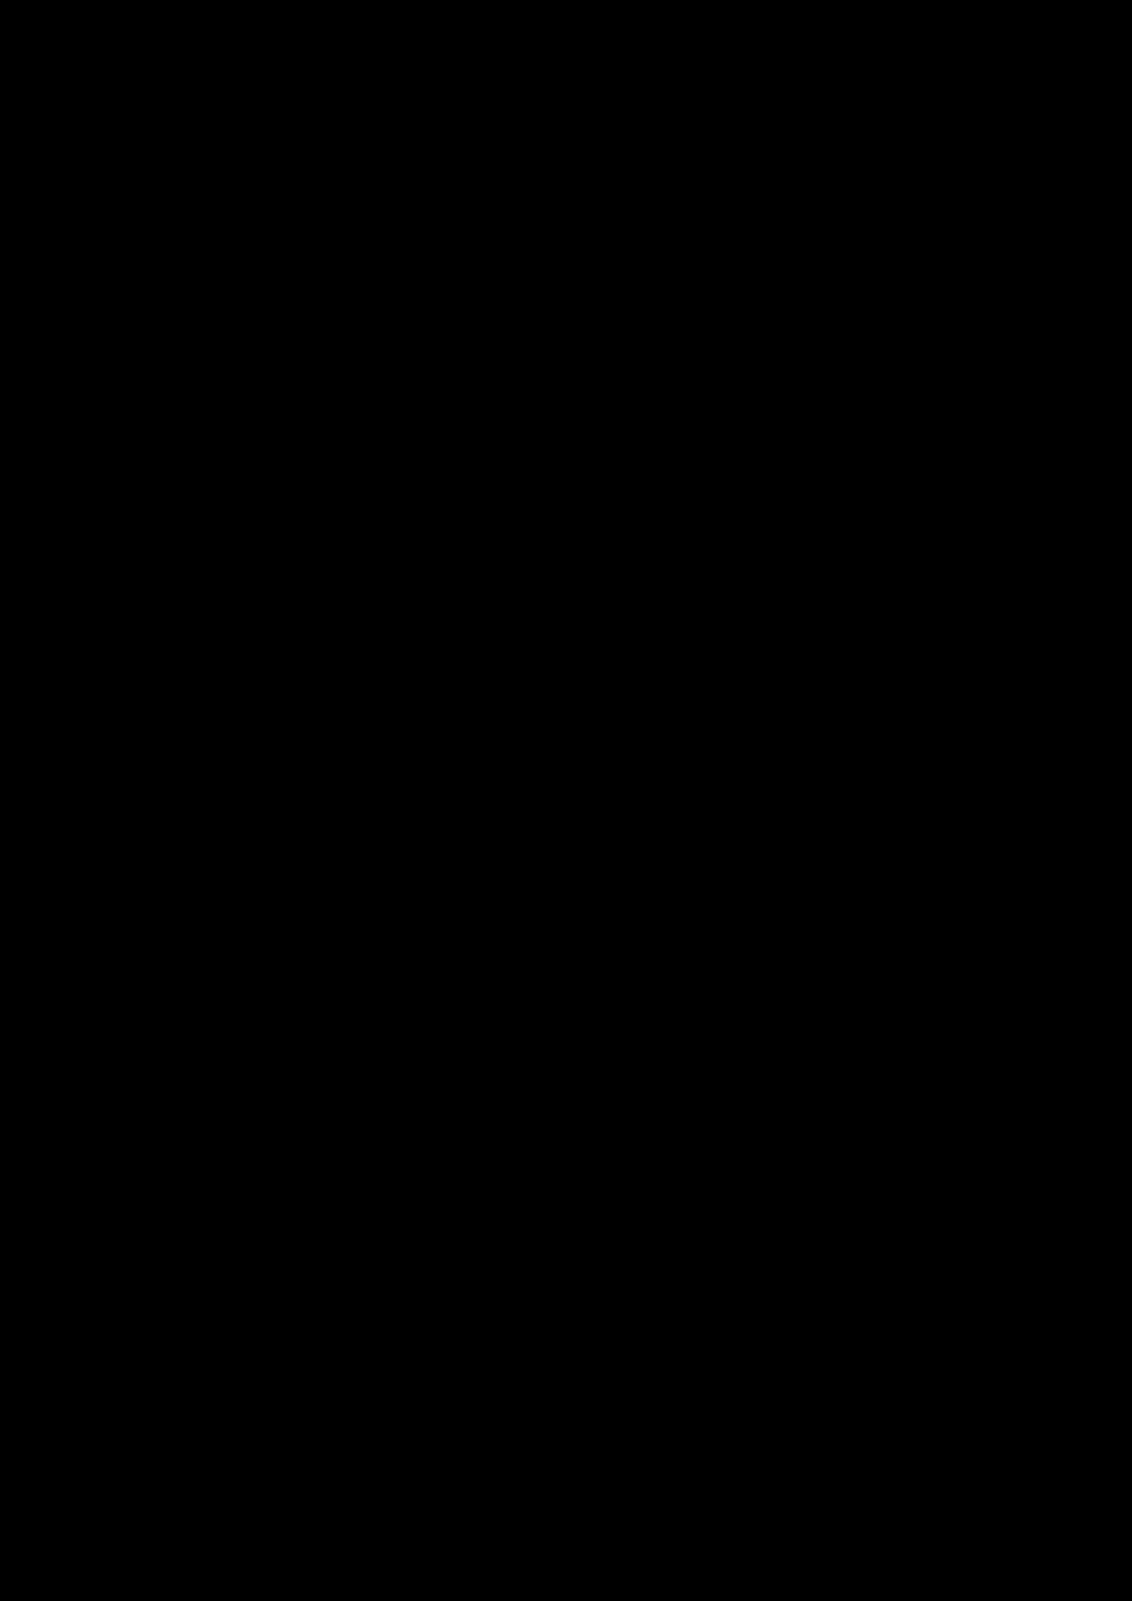 Prolog slide, Image 29